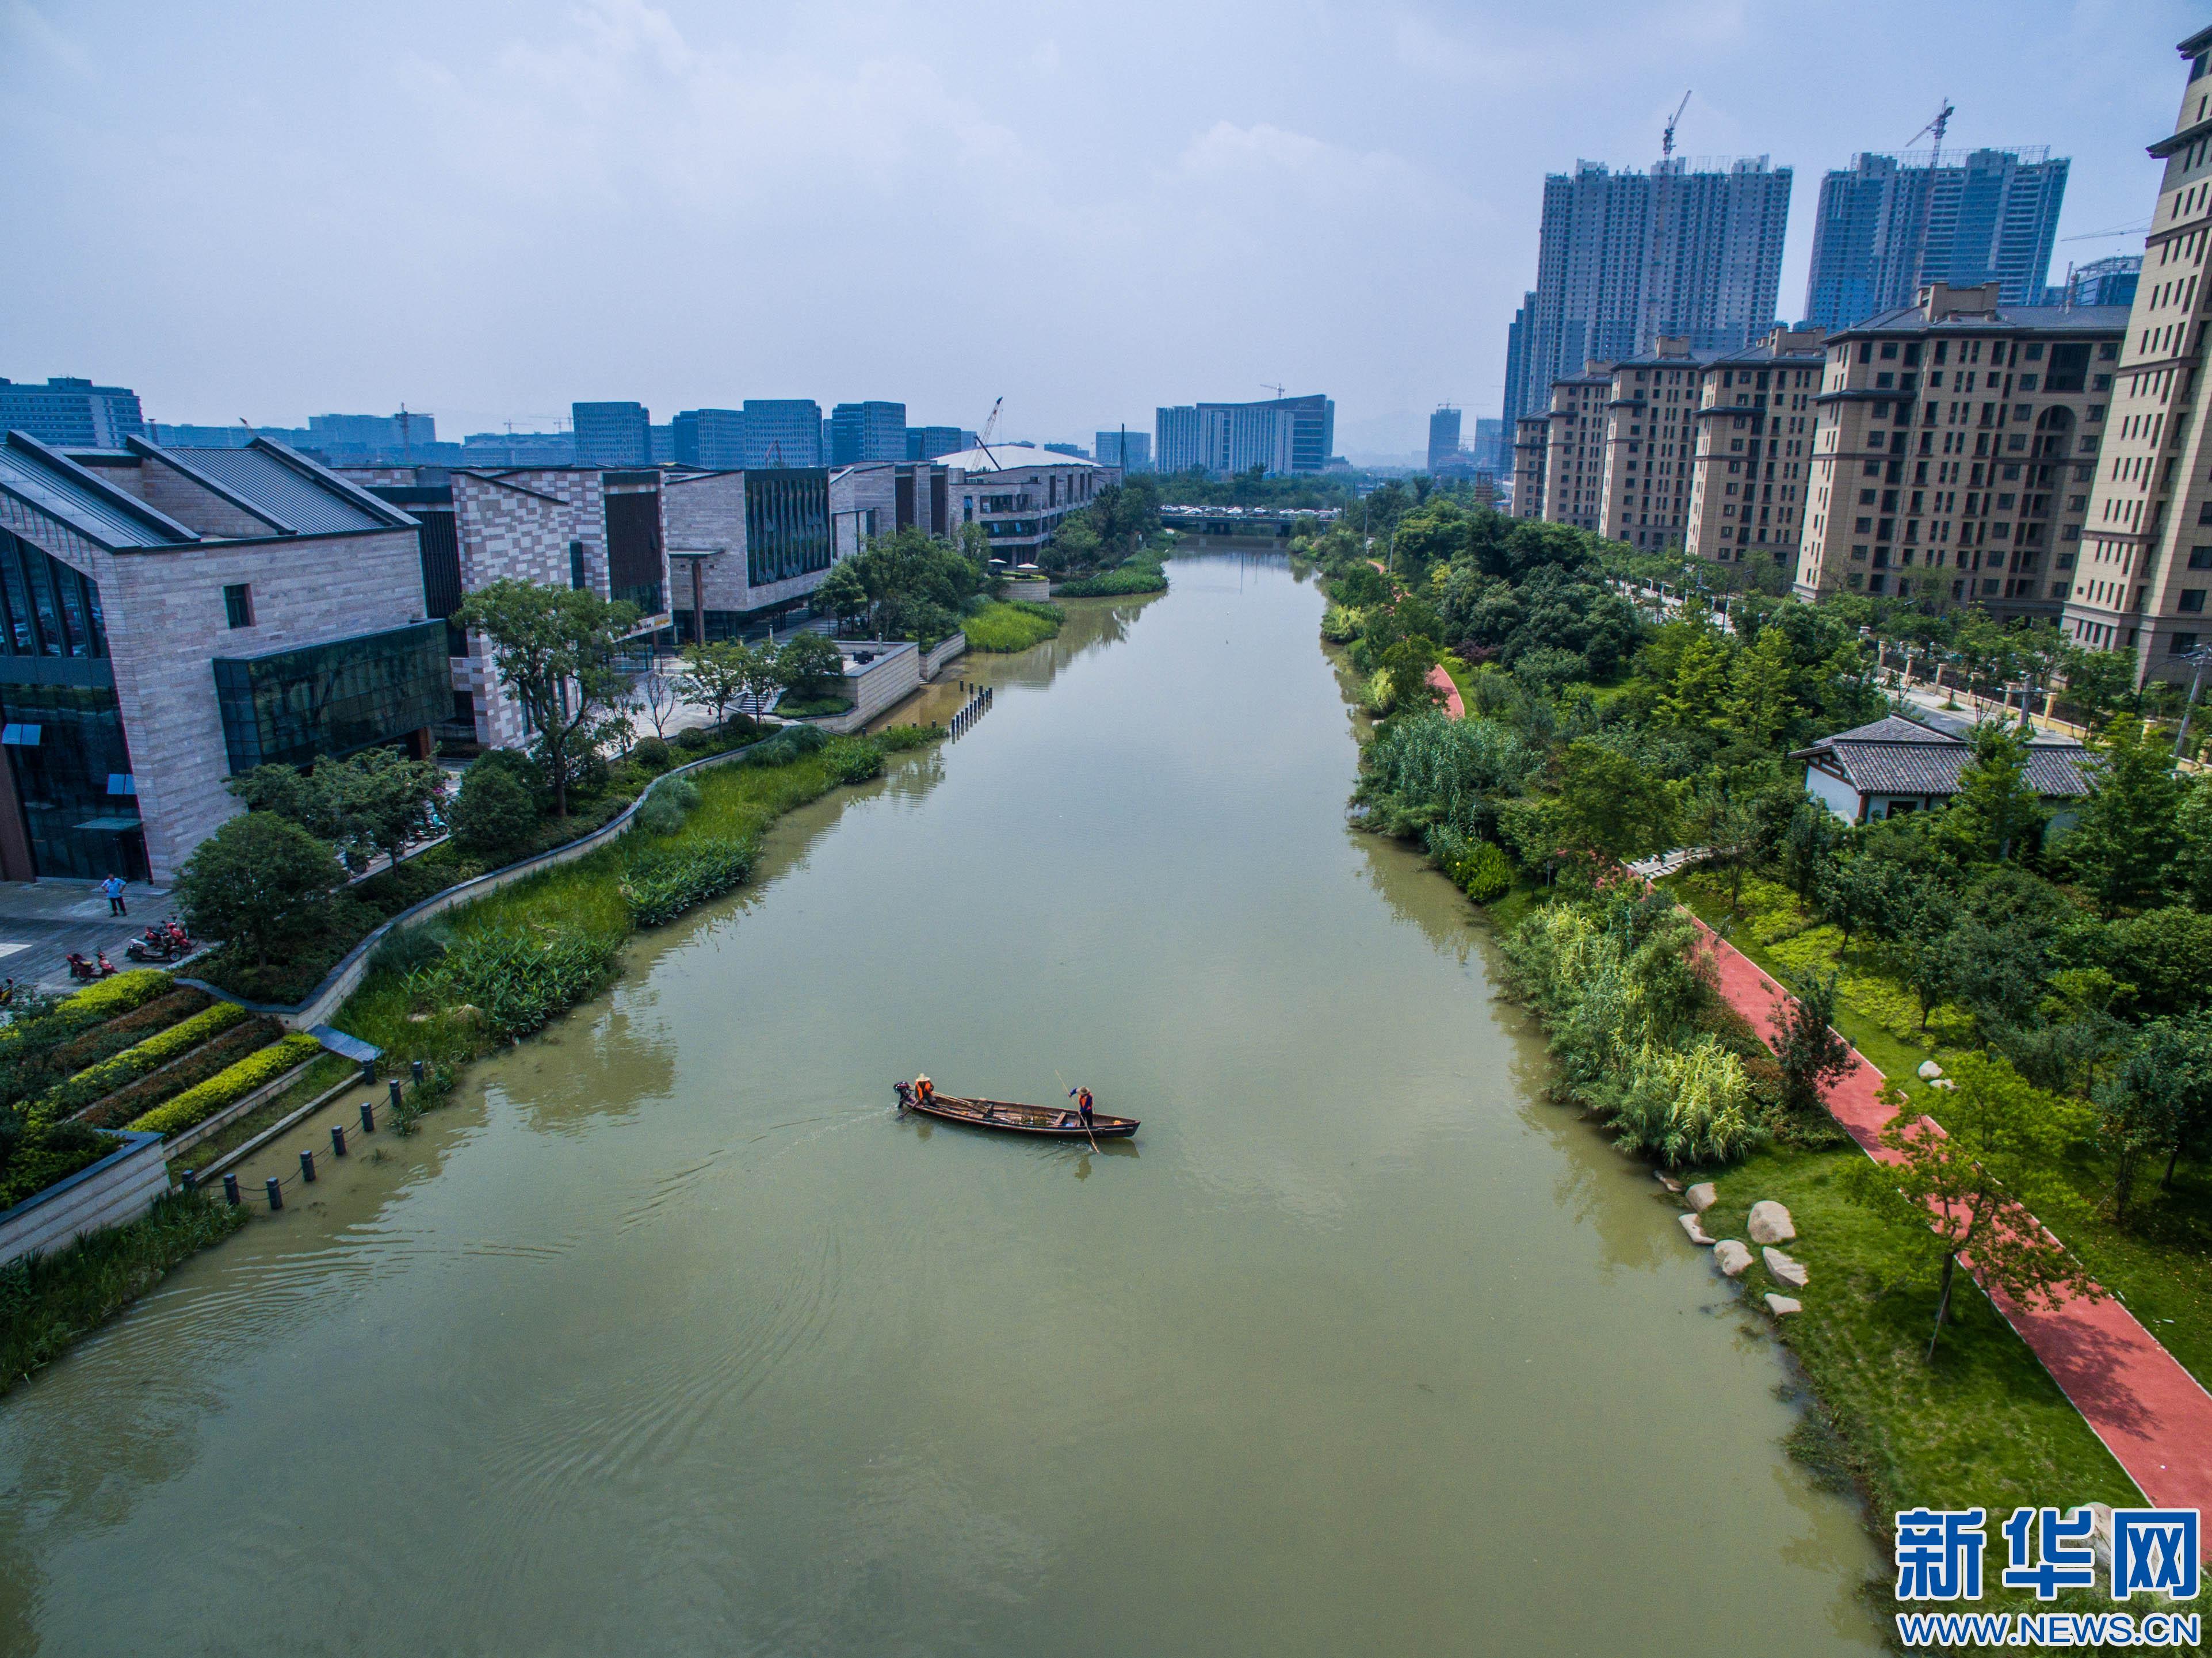 从2015年开始,包括梦想小镇在内的杭州市余杭区未来科技城迎来了图片